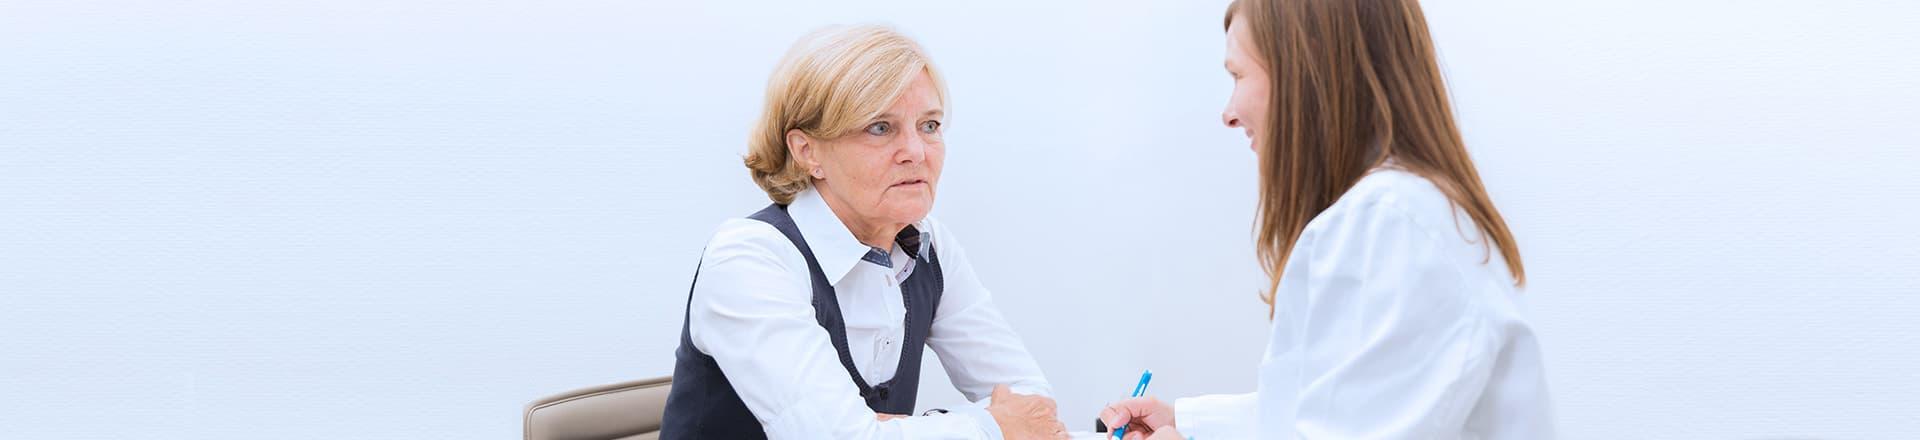 Gedaechnisstoerung oder Demenz. Arzt Patienten Anamnese